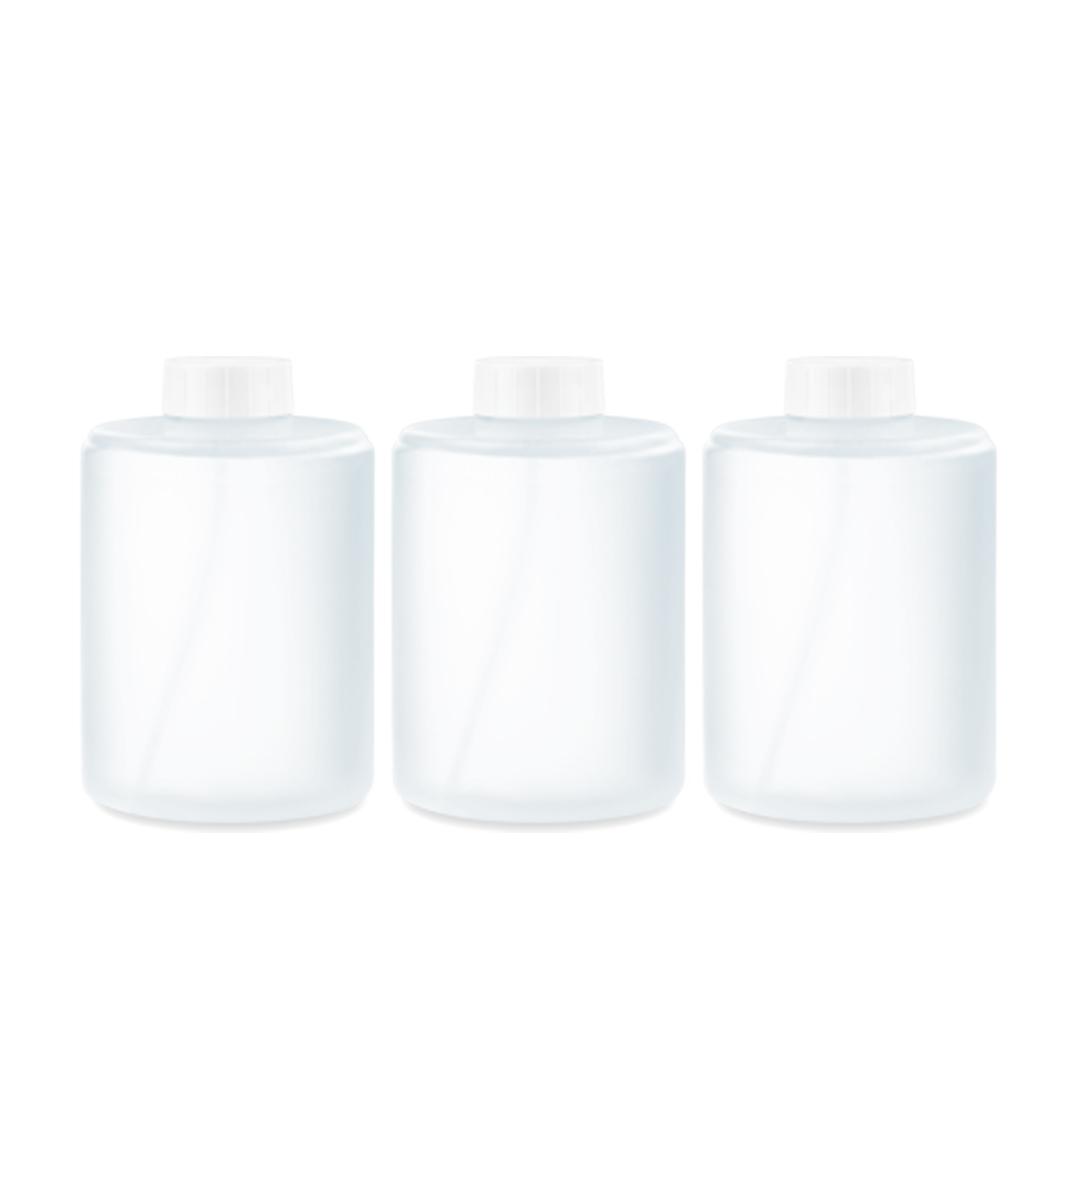 xiaomi/米家小米自动洗手机专用配套洗手液小卫质品泡沫洗手液抑菌款【三瓶装】